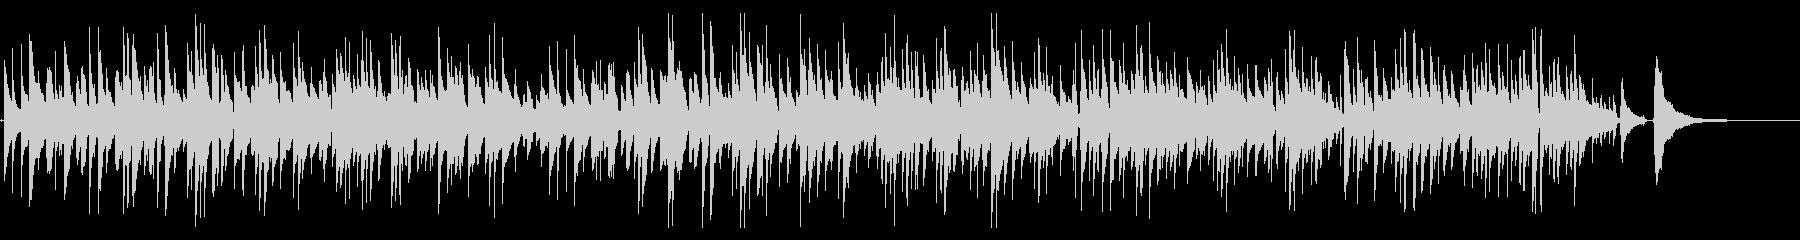 2本のボサノバギターBGM Shortの未再生の波形